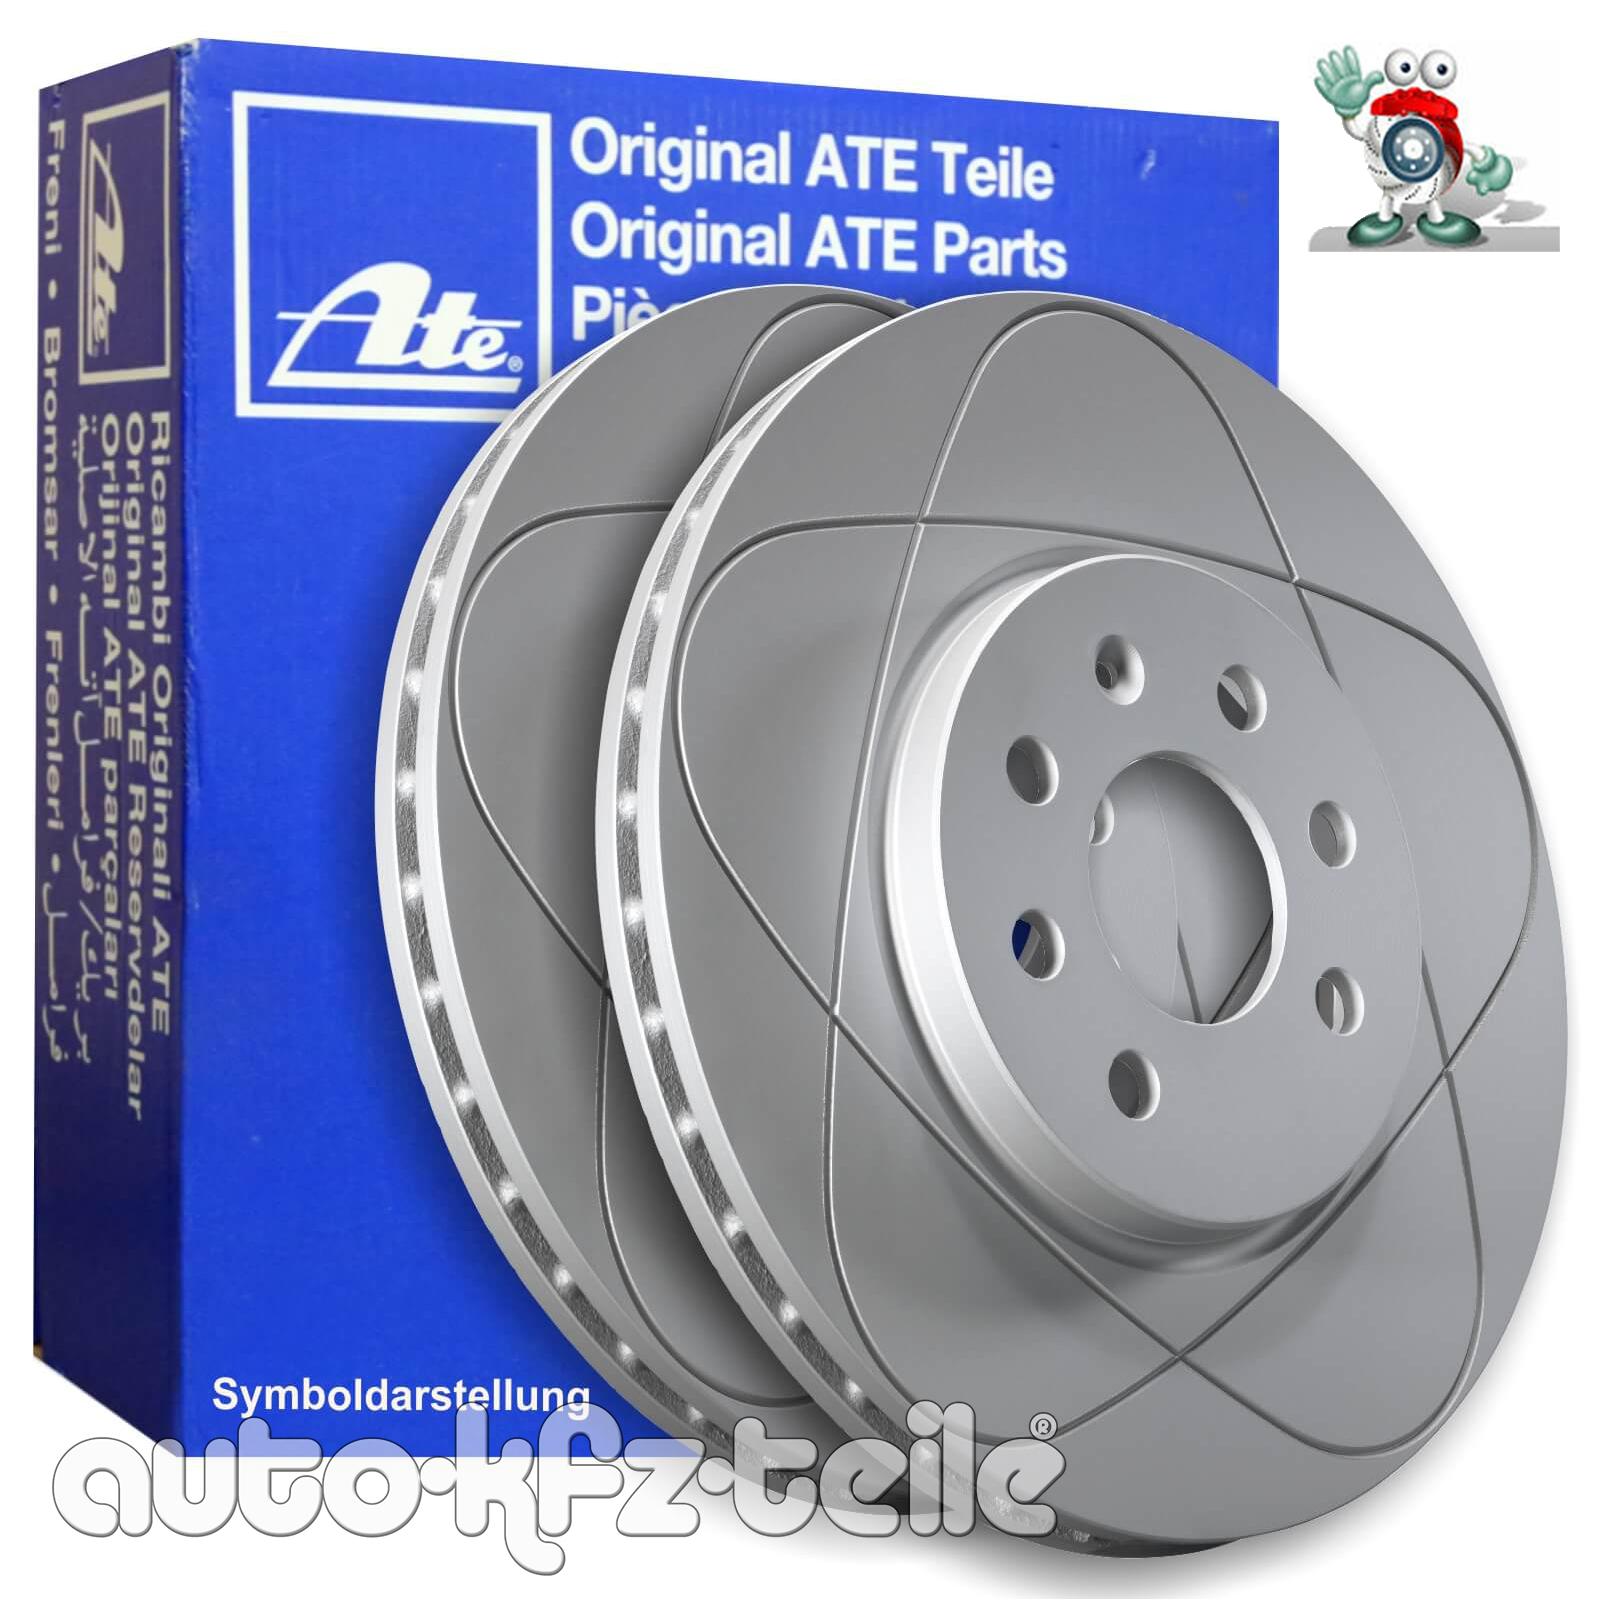 5P5, 5P8 Beläge Vorderachse VA für SEAT ALTEA XL ATE Bremsscheiben